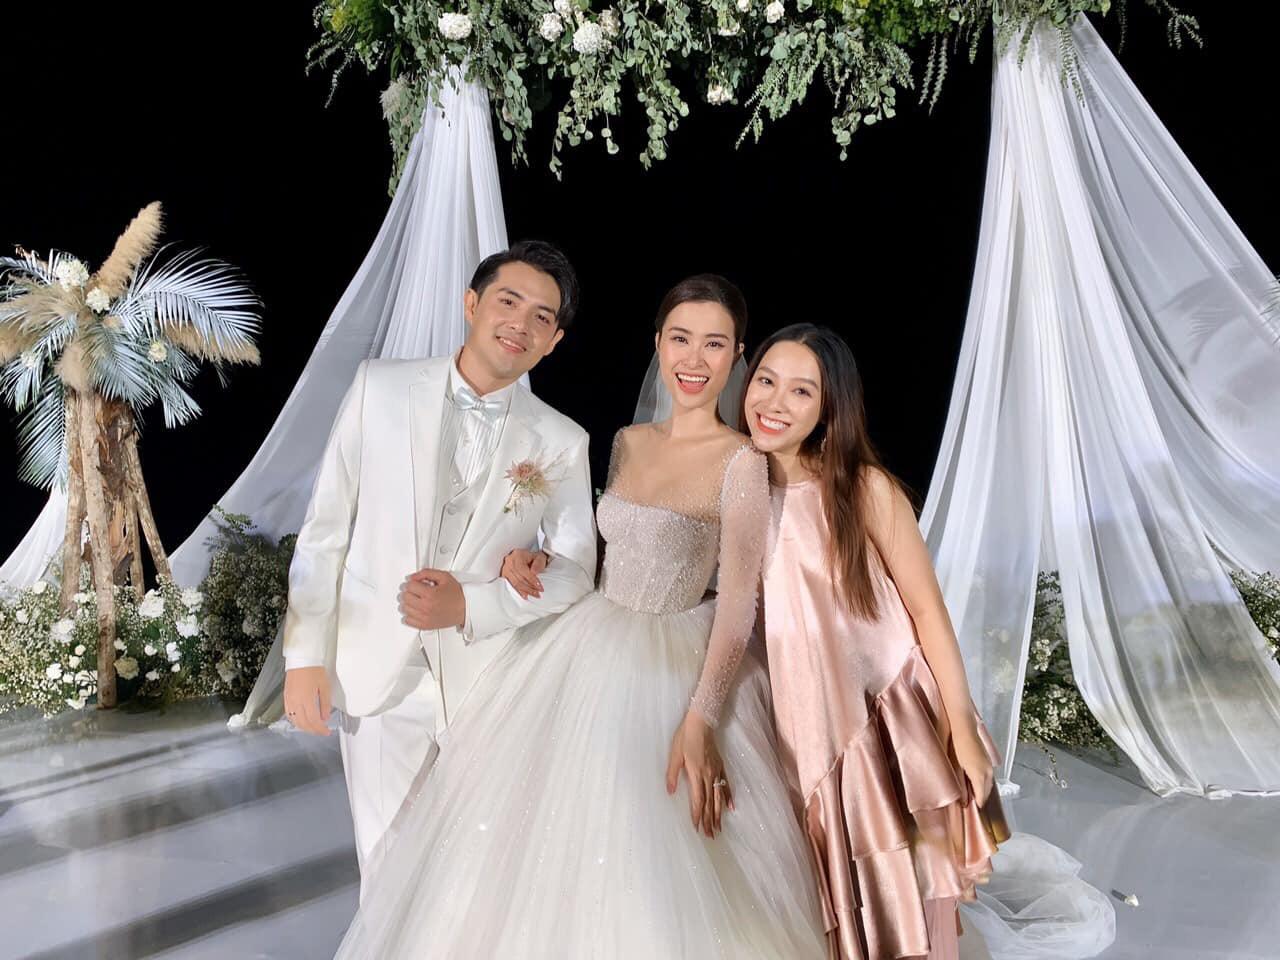 """Dân mạng ráo riết truy lùng màu son Đông Nhi dùng trong lễ cưới và """"quà tặng tận giường"""" của 500 khách mời - Ảnh 3."""